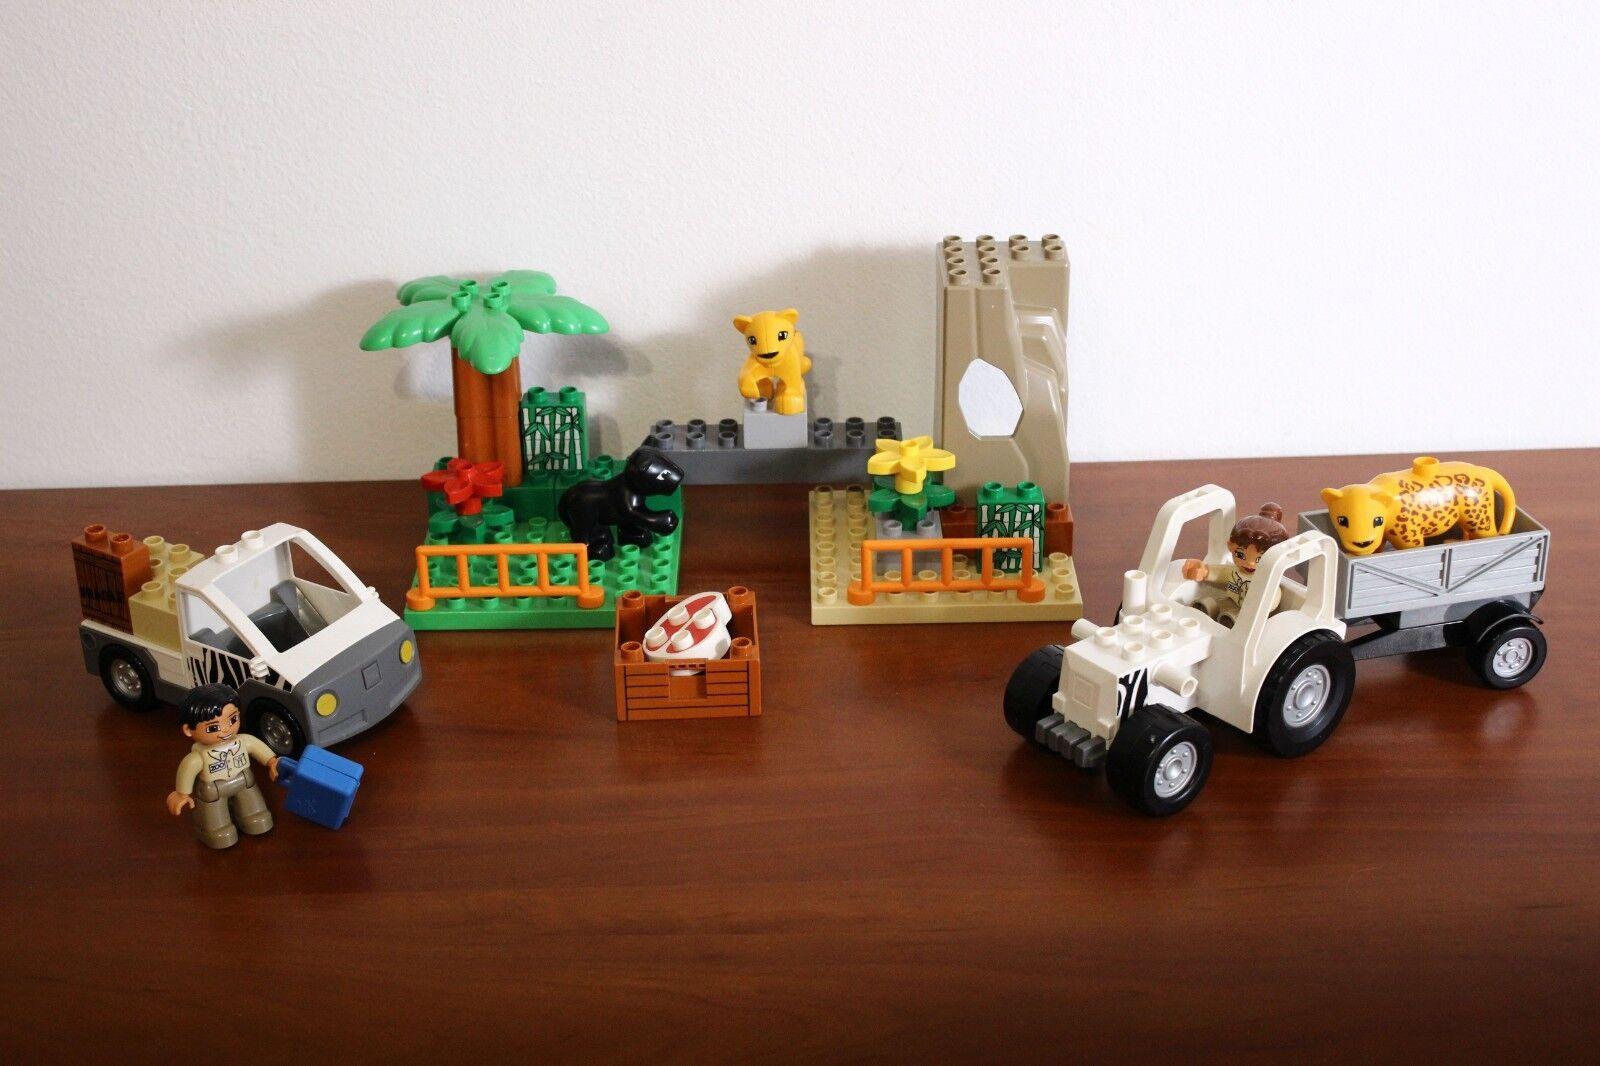 Lego Duplo Town Zoo Set 4971-1 Zoo Vehicles 100%  completare  senza esitazione! acquista ora!